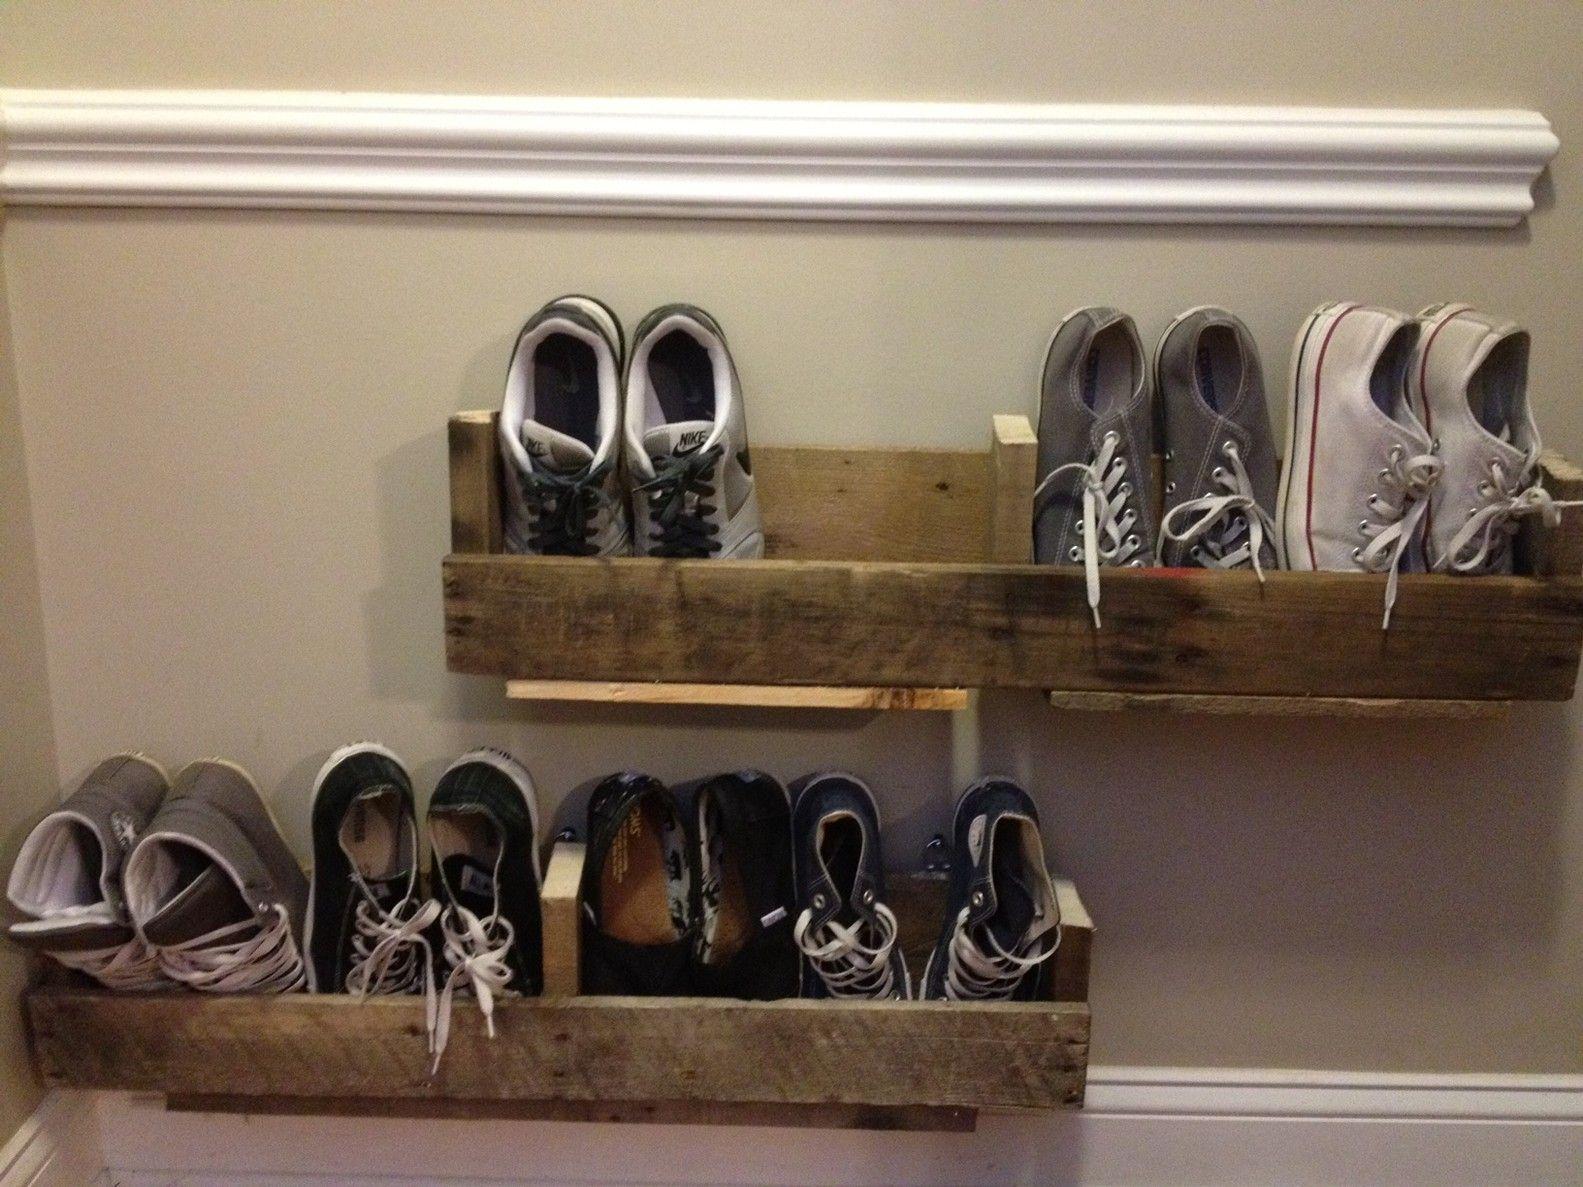 Diy Wall Mounted Shoe Rack Ideas Shoe Shelf Diy Wall Mounted